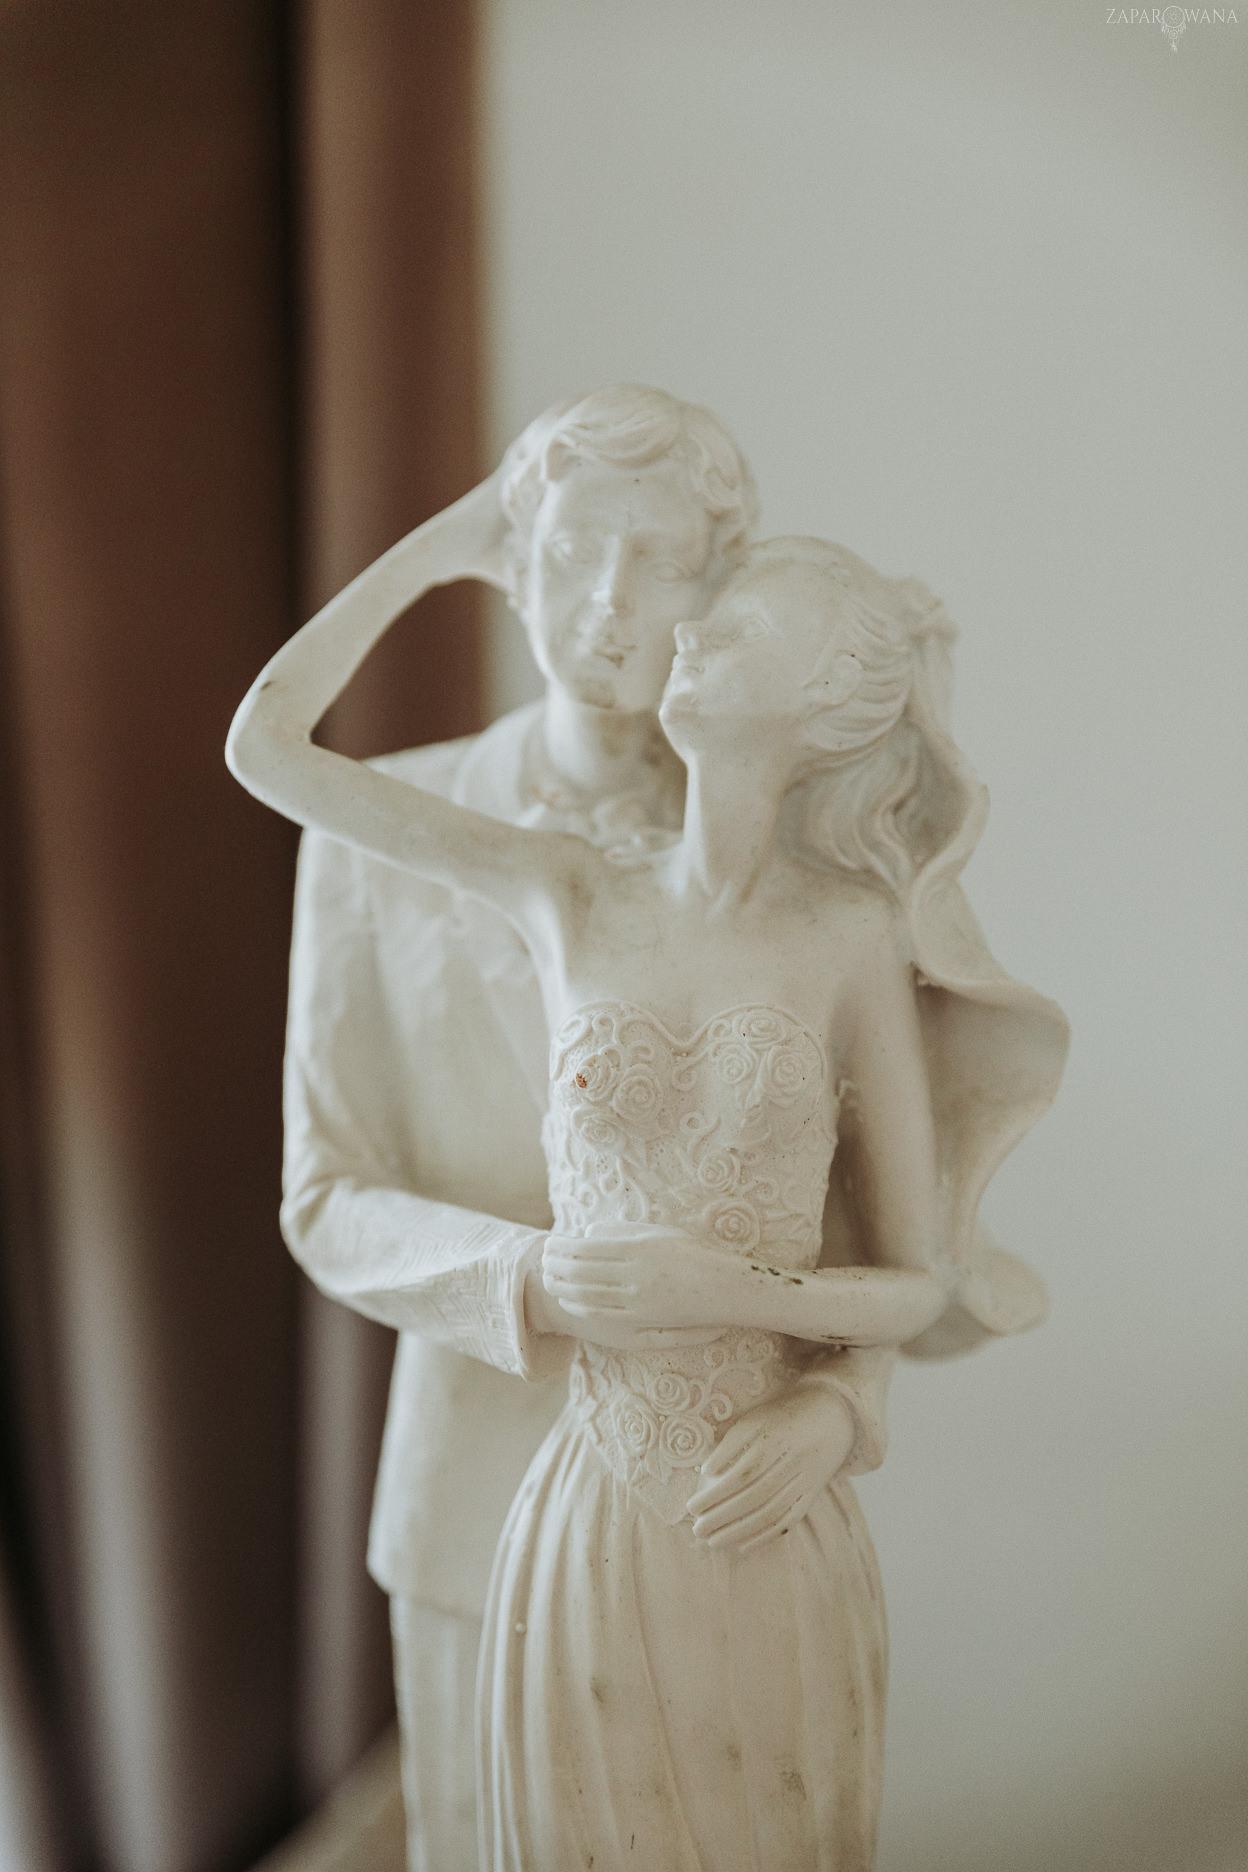 020 - ZAPAROWANA - Ślub A-A